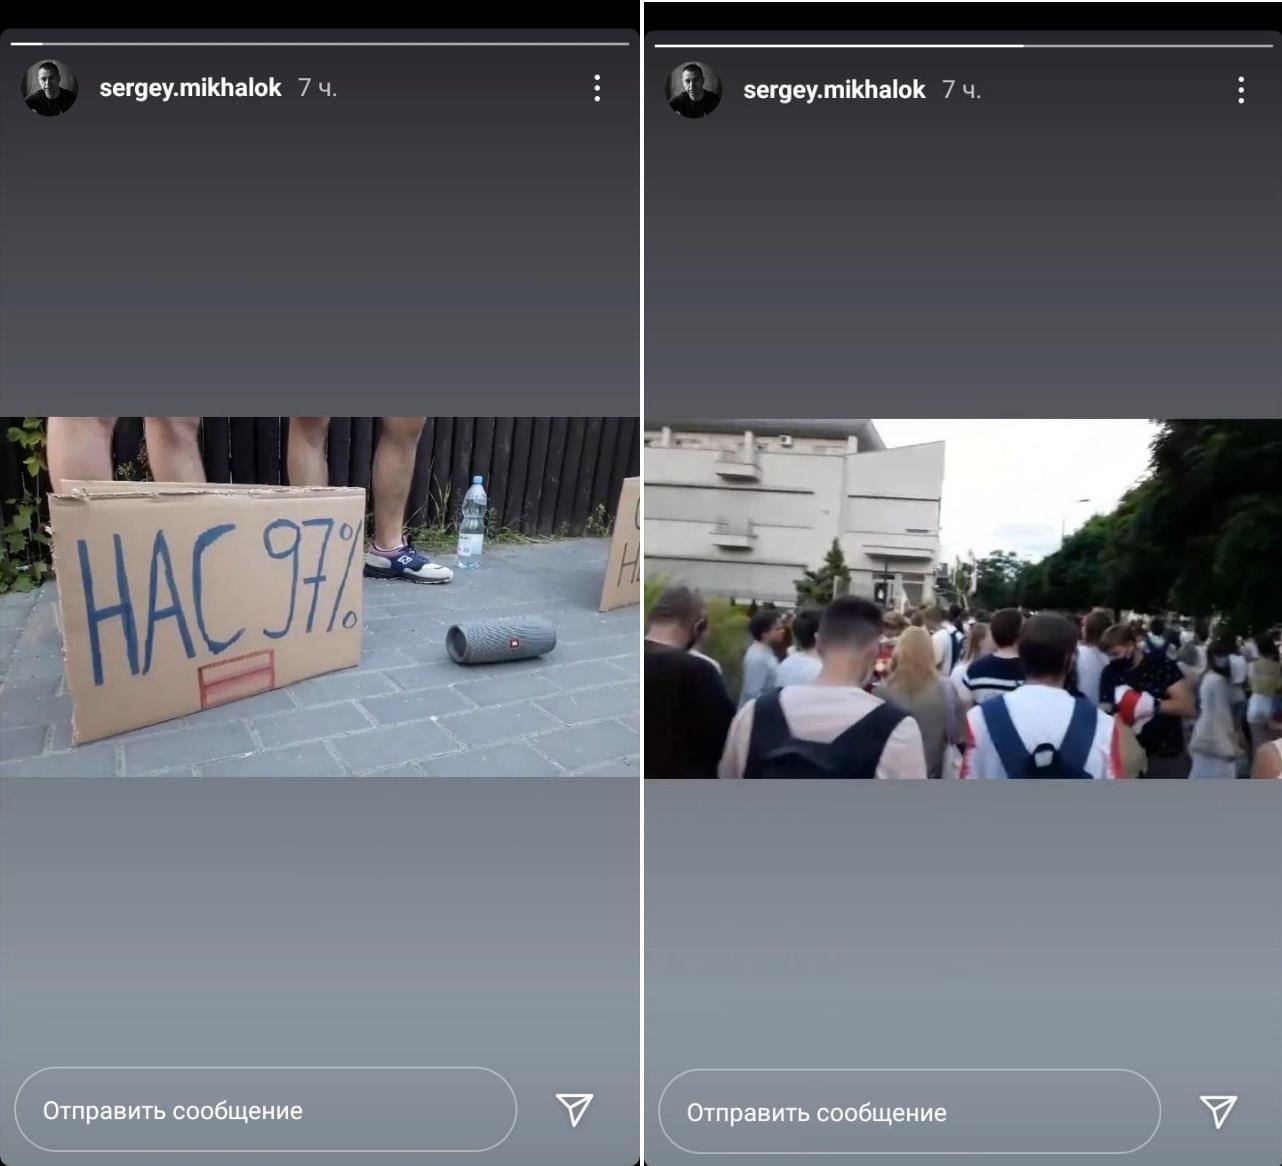 Протесты в Беларуси: как звезды отреагировали на происходящее